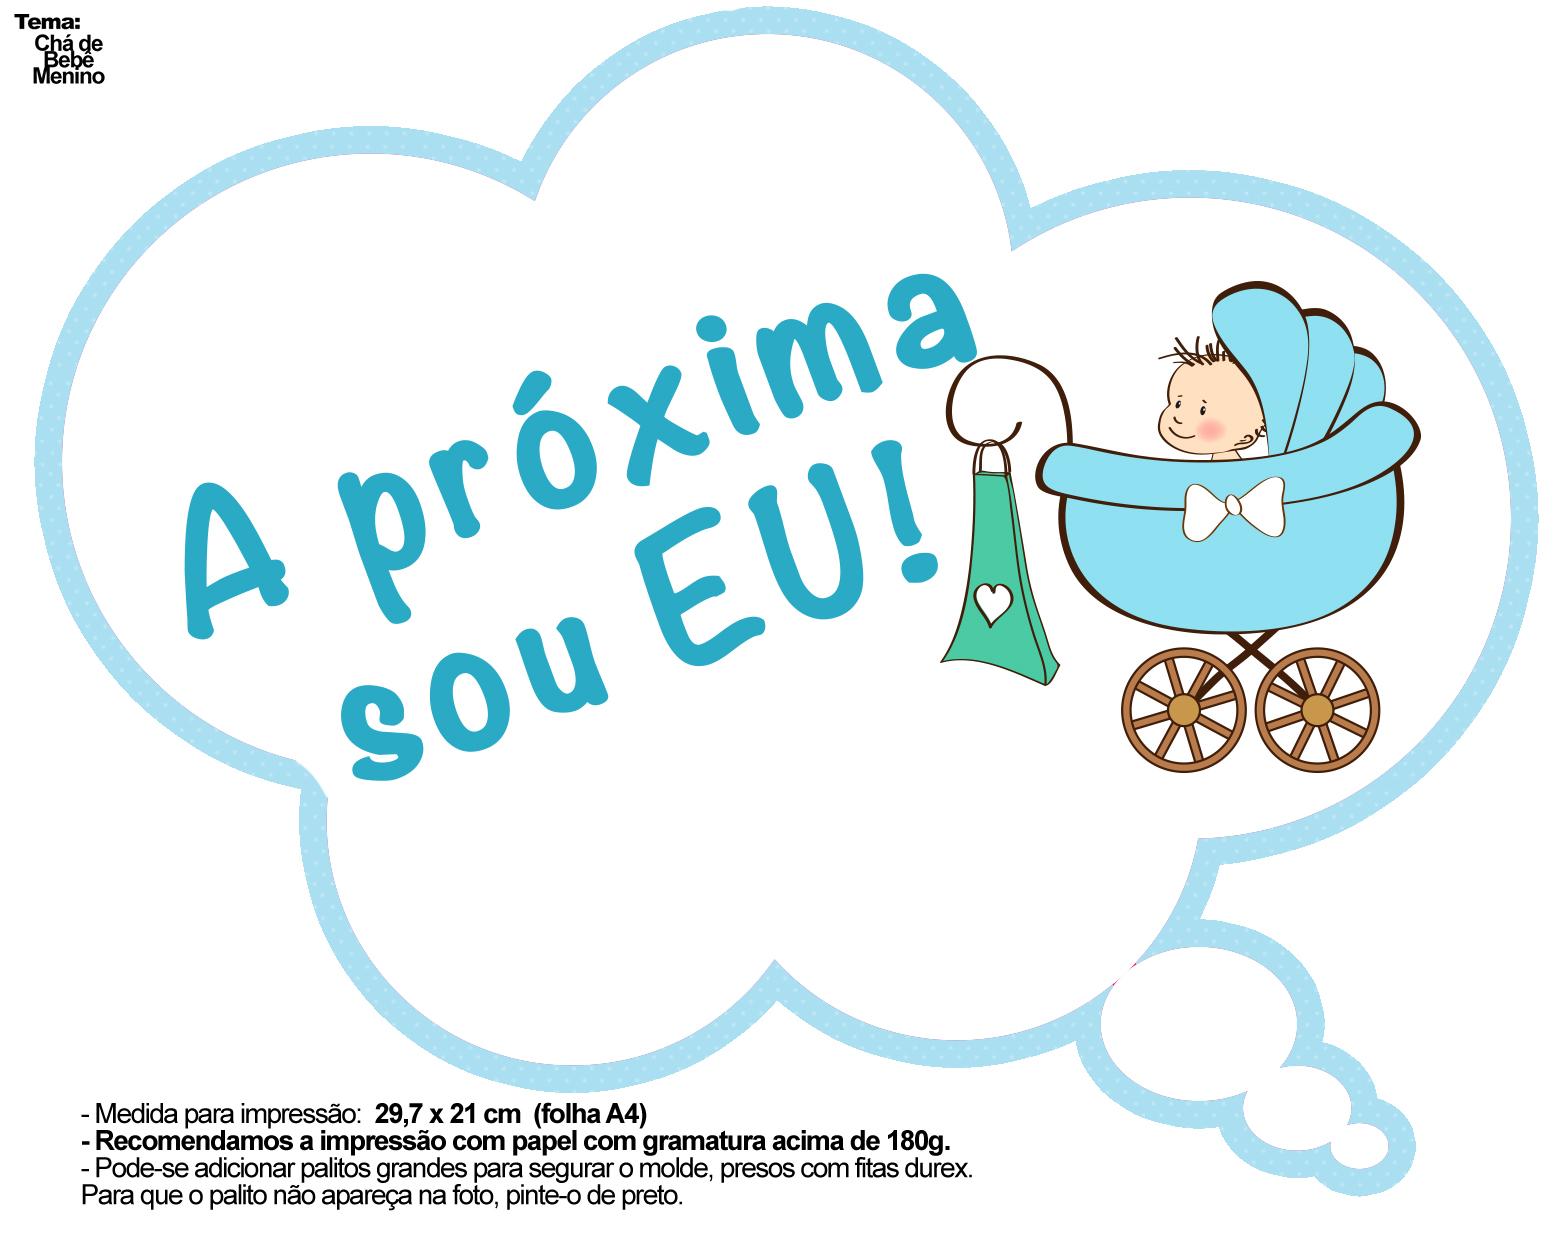 Excepcional Plaquinhas Divertidas Chá de Bebê Menino 1 - Fazendo a Nossa Festa YT01